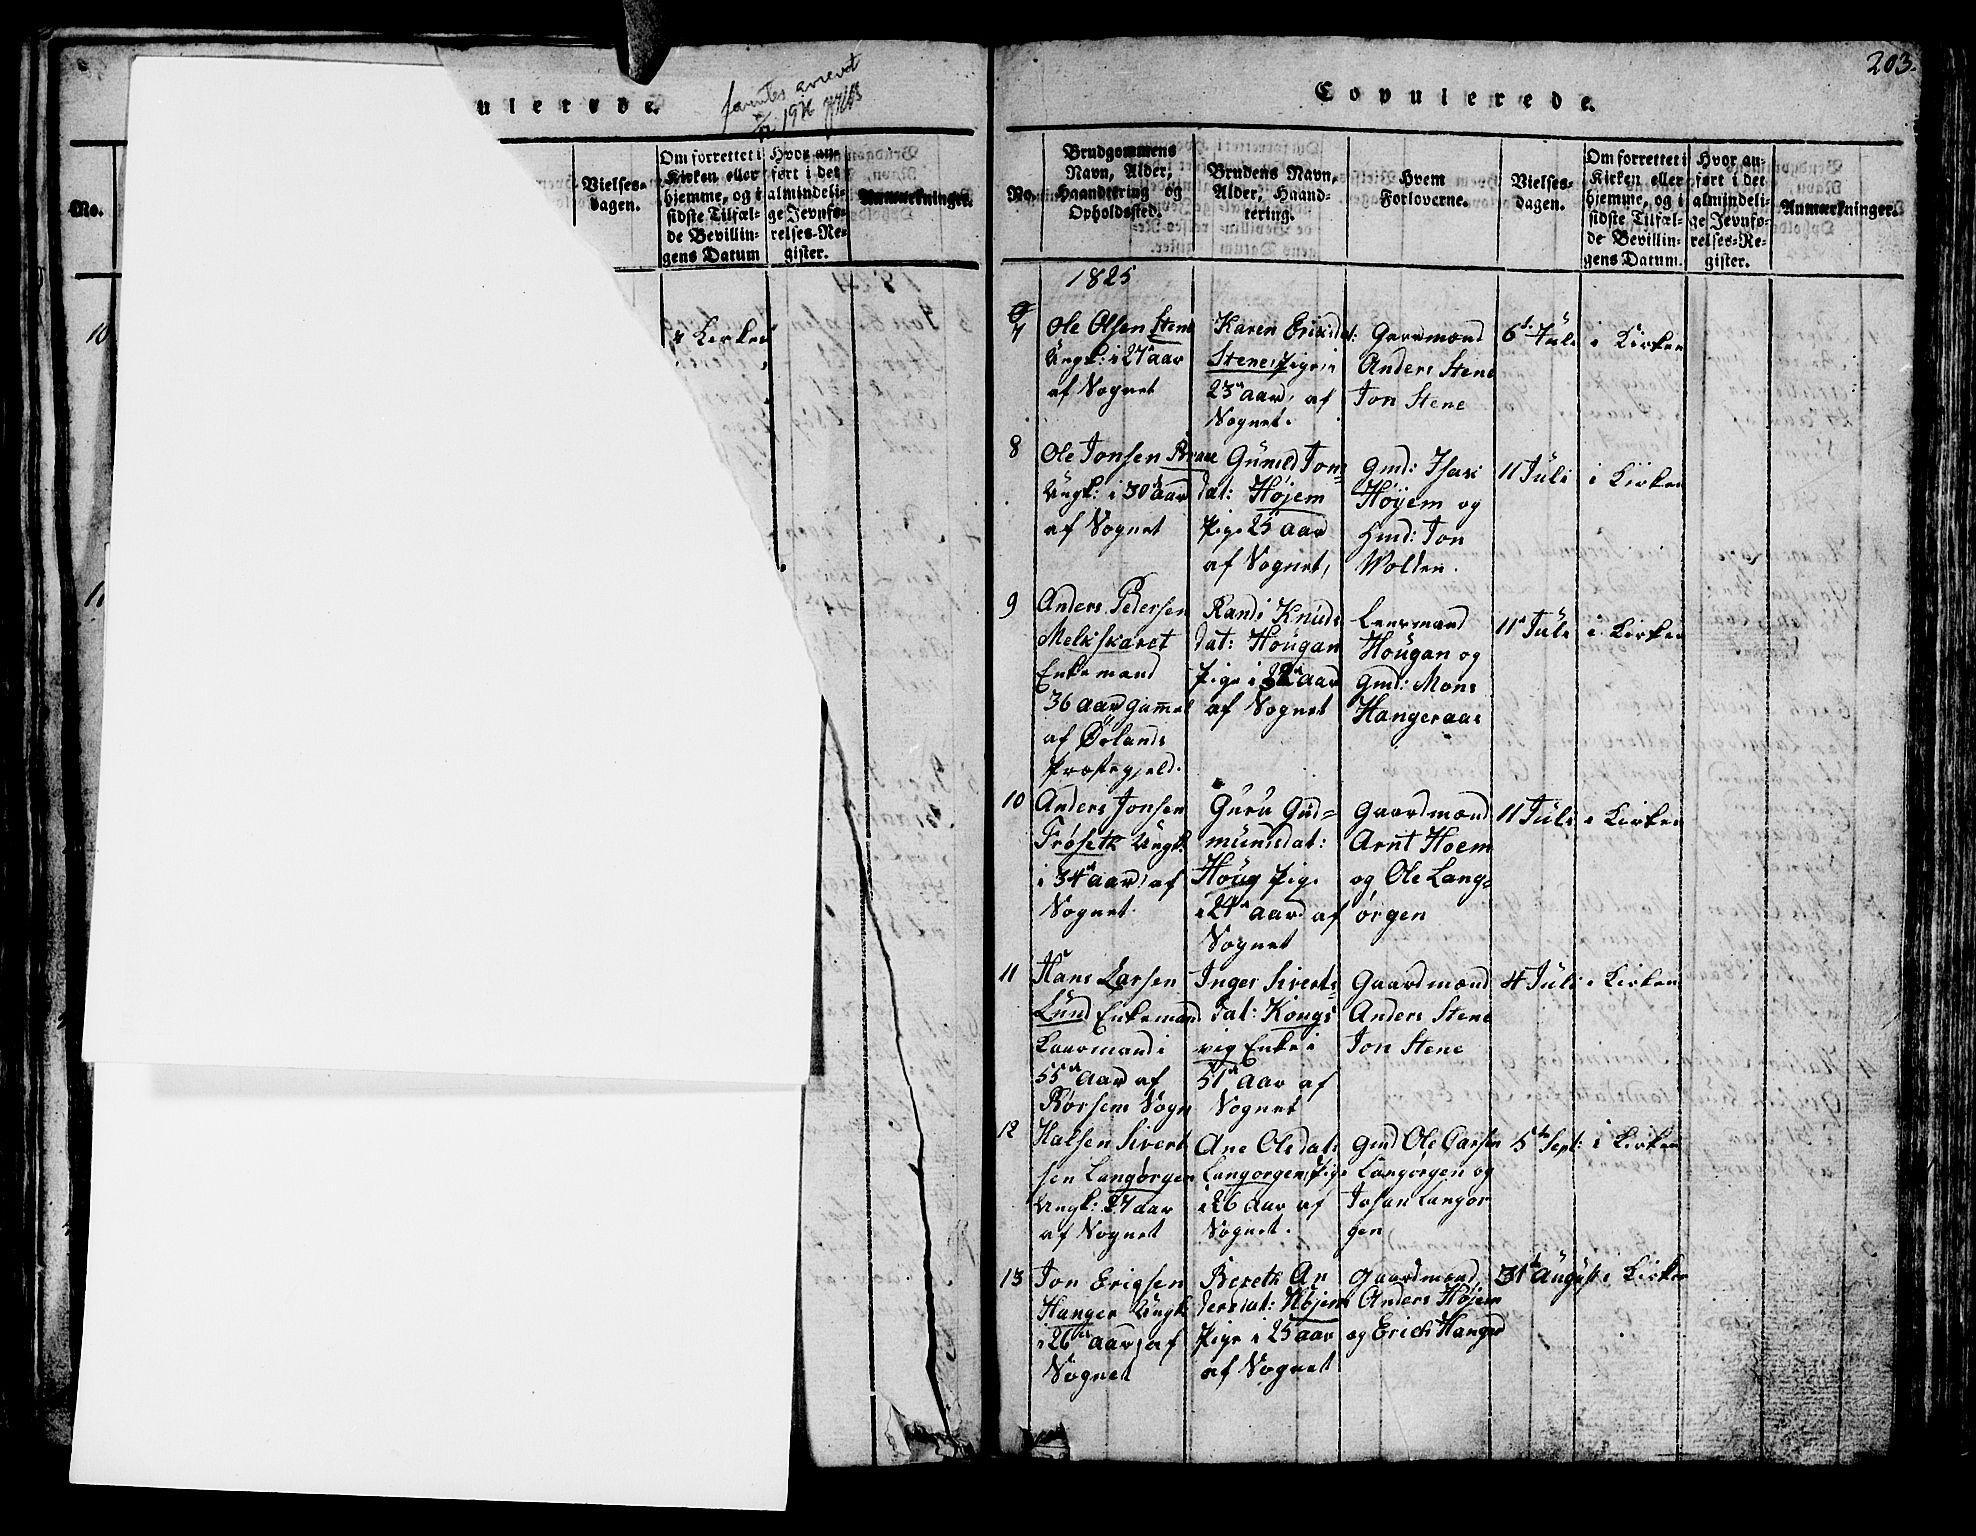 SAT, Ministerialprotokoller, klokkerbøker og fødselsregistre - Sør-Trøndelag, 612/L0385: Klokkerbok nr. 612C01, 1816-1845, s. 203